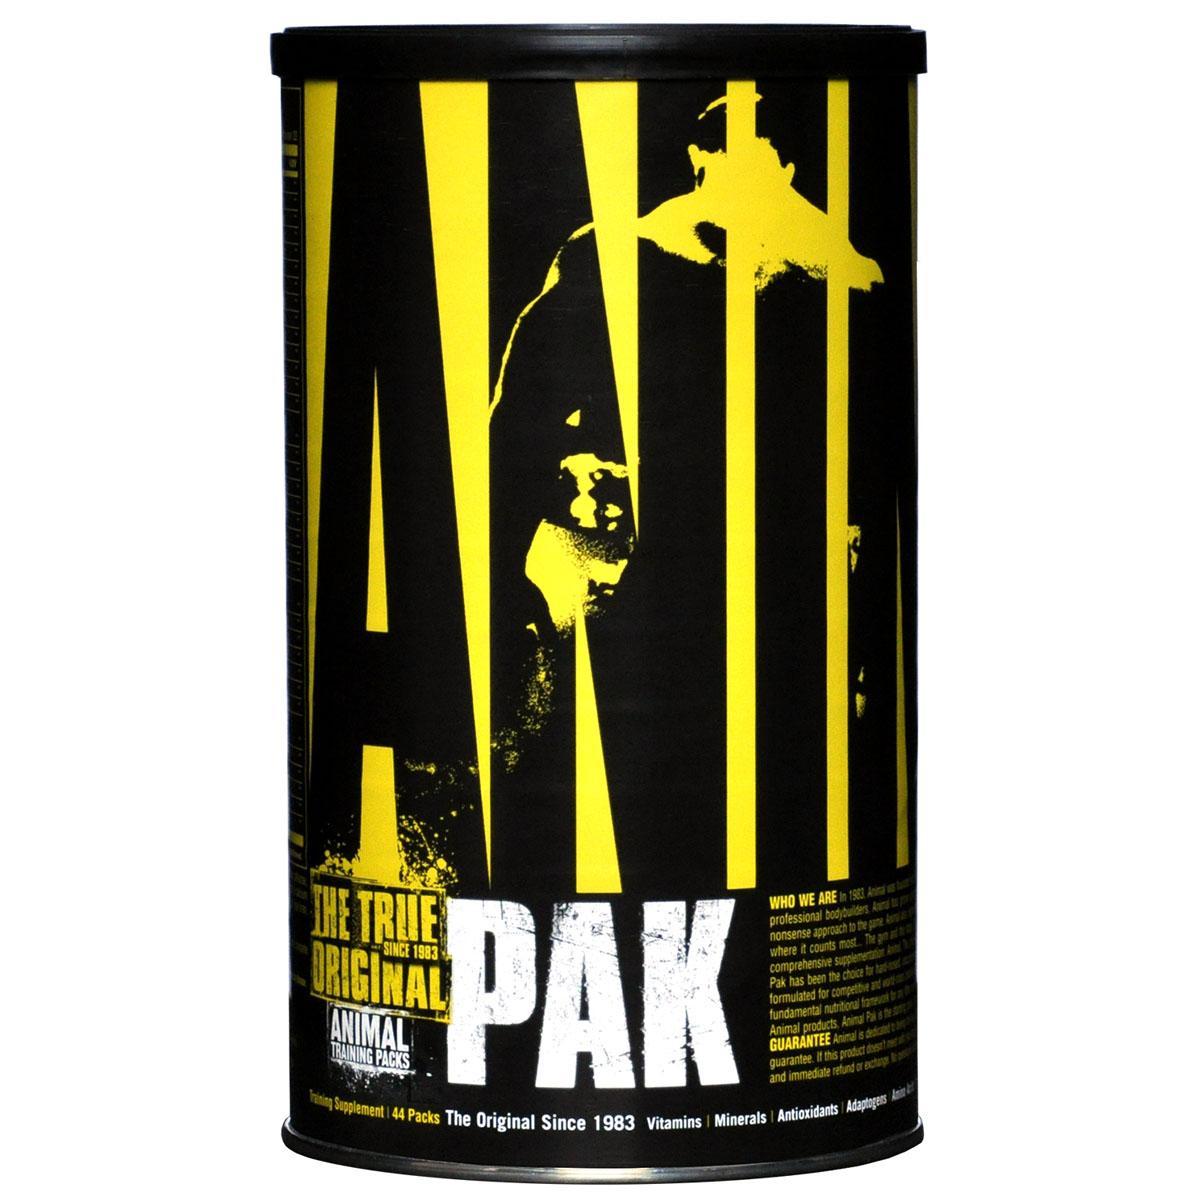 Витаминно-минеральные комплексы Animal Pak, 44 пакетикаU3011Animal Pak - это уникальные разработки в области дополнения питания для спортсменов. Вам не нужно теряться в выборе кучи всевозможных препаратов. В нем есть все, что вам нужно! Universal Animal Pak - это все витамины в необходимых количествах! Это уникальный минеральный комплекс, содержащий 10 самых необходимых минералов. Человеческому организму требуются незаменимые жирные кислоты. Они есть в данном препарате. Уникальное сочетание веществ-оптимизаторов производительности позволяют мобилизовать и увеличить силу и выносливость организма, способствуют повышению результатов на тренировках и восстановления после них. L-Аргинин, содержащийся в количестве 2 г на порцию, стимулирует выработку гормона роста, что способствует уменьшению жировых отложений и росту мышечной массы. Треонин способствует росту скелетной мускулатуры. Лейцин и валин защищают мышечные ткани и являются источниками энергии, а также способствуют восстановлению костей, кожи, мышц. Входящие в состав Animal Pak пищеварительные ферменты помогают усвоить максимум питательных веществ! За тридцать лет существования Animal Pak снискал славу лучшего из лучших, культовых препаратов для спортсменов. Он действительно уникальный продукт для достижения результата! Рекомендации по применению: принимайте один вместе с завтраком или другим приемом пищи, обильно запивая водой. Во время интенсивных тренировок и перед выступлениями принимайте 2 пакетика. Товар не является лекарственным средством. Товар не рекомендован для лиц младше 18 лет. Могут быть противопоказания и следует предварительно проконсультироваться со специалистом. Как повысить эффективность тренировок с помощью спортивного питания? Статья OZON Гид